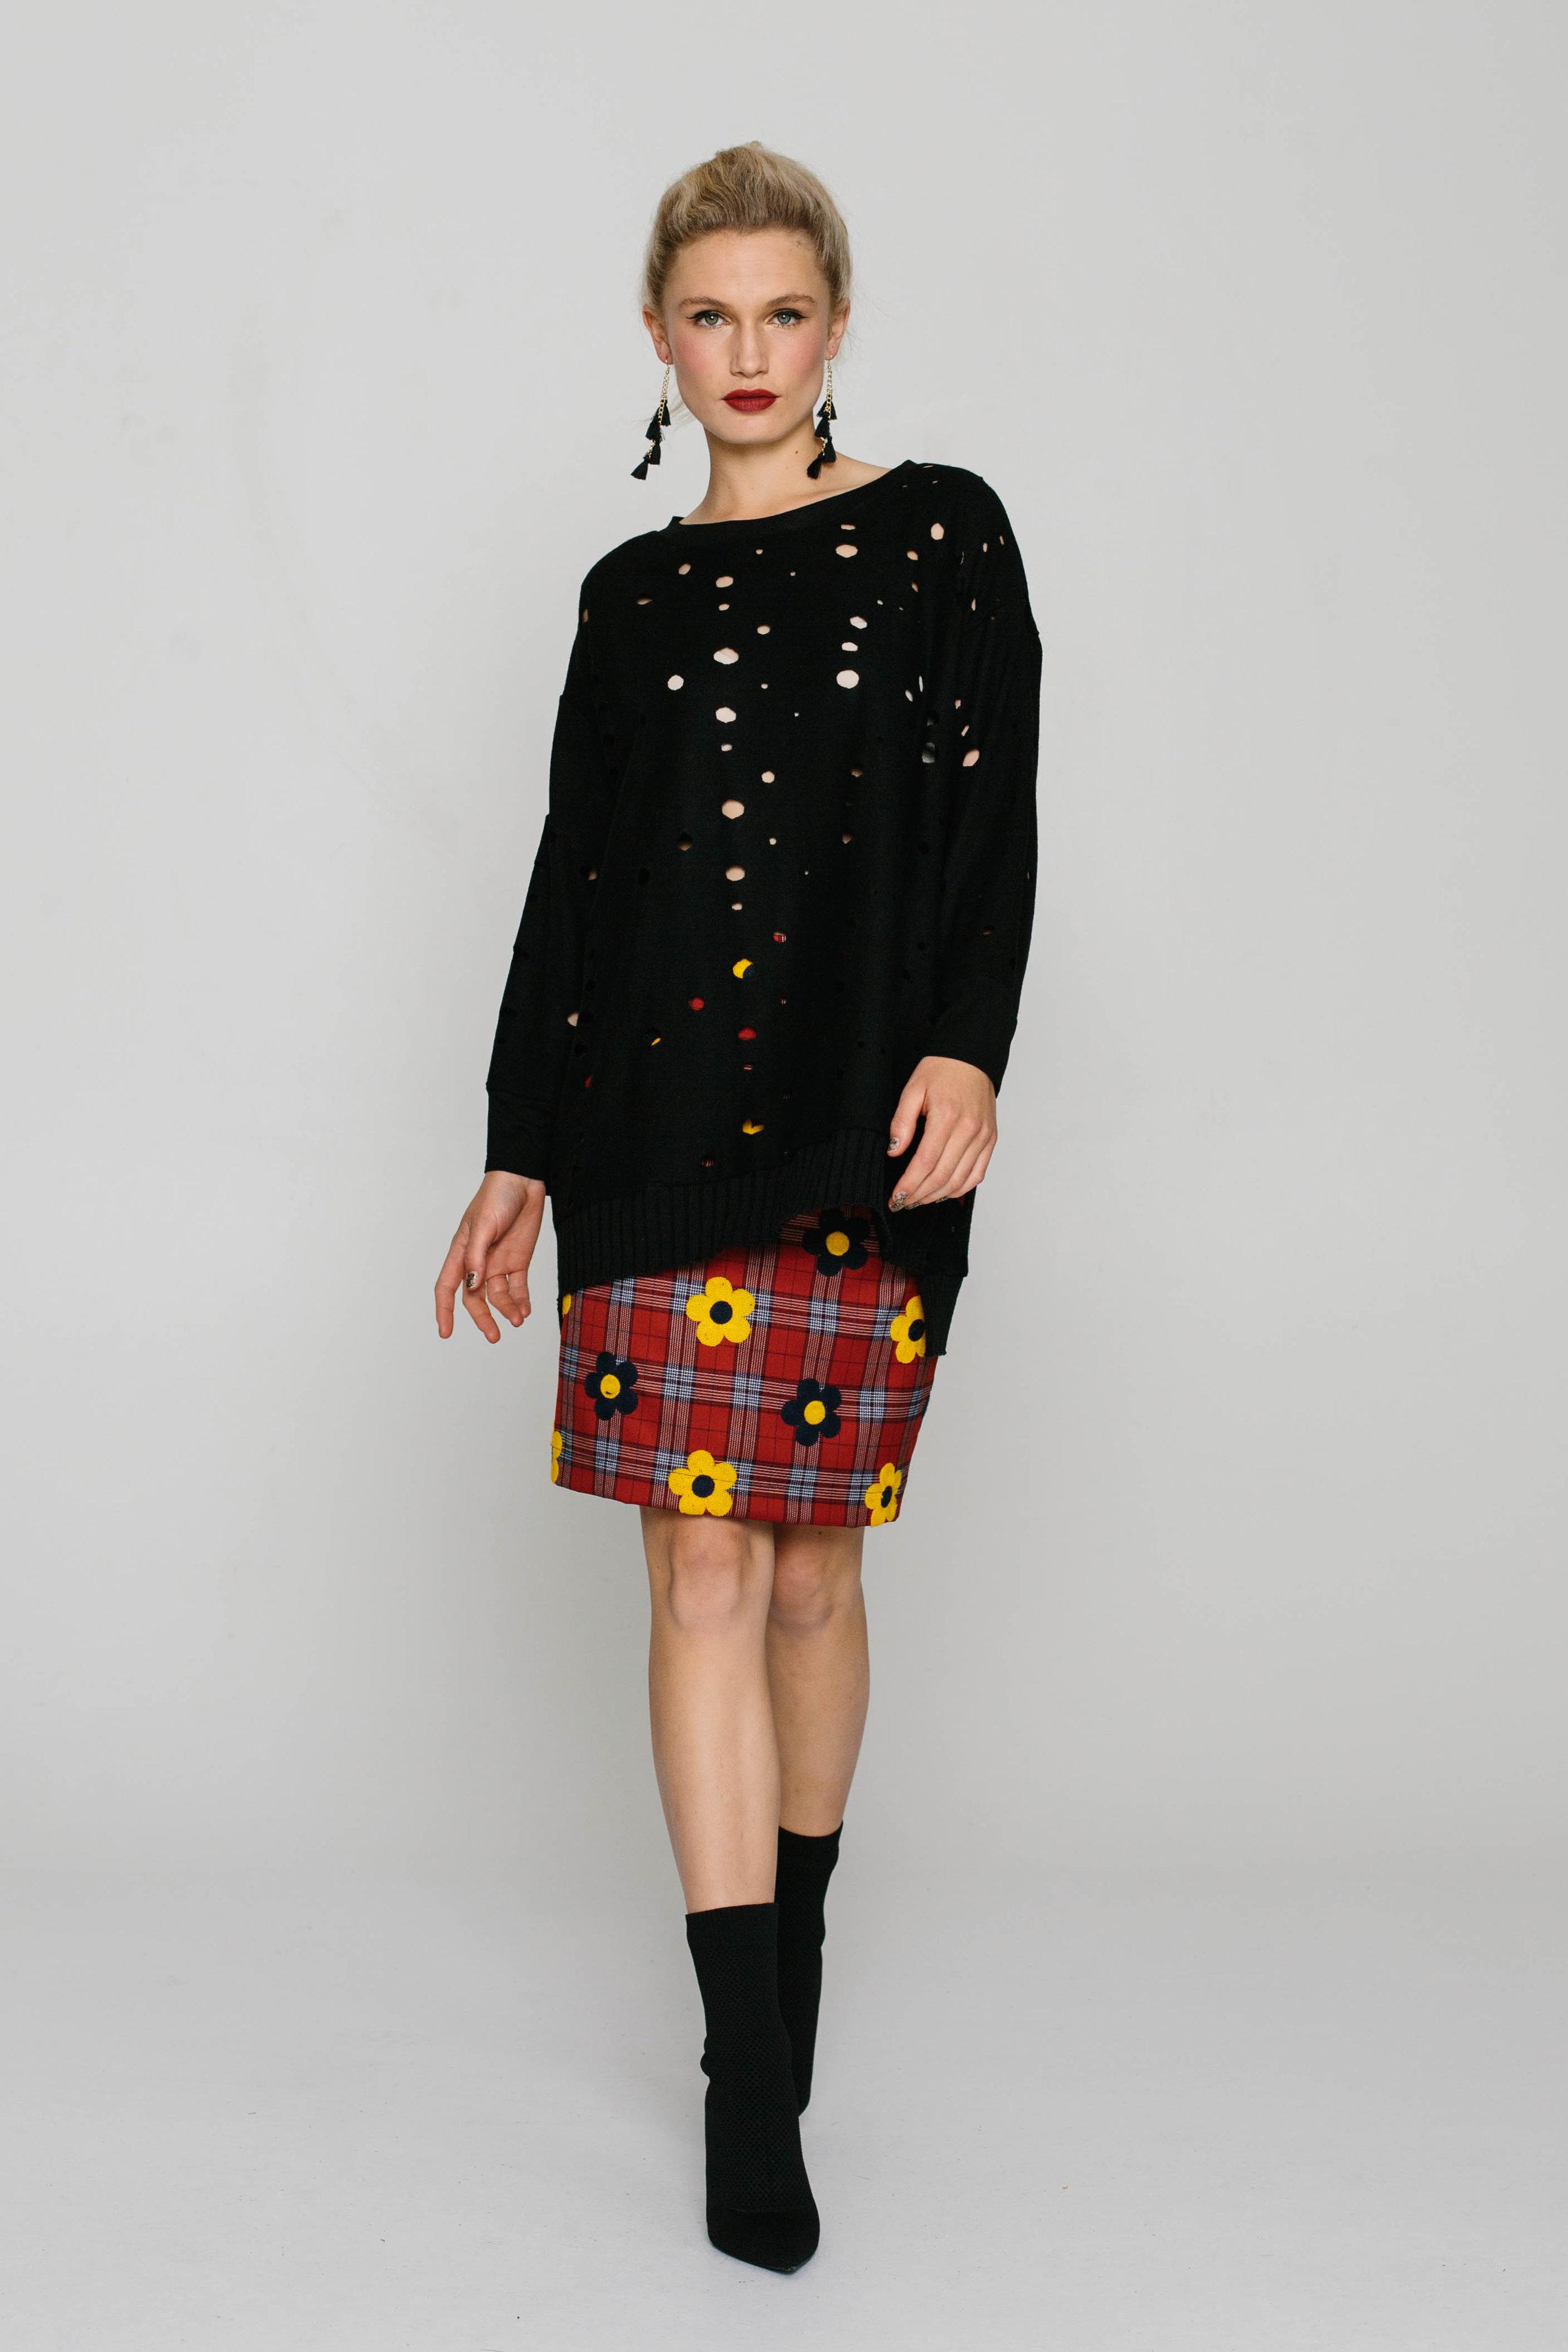 5861W See Me Jumper Italian Black 5740W Straight Skirt Tartan Daisy Mustard